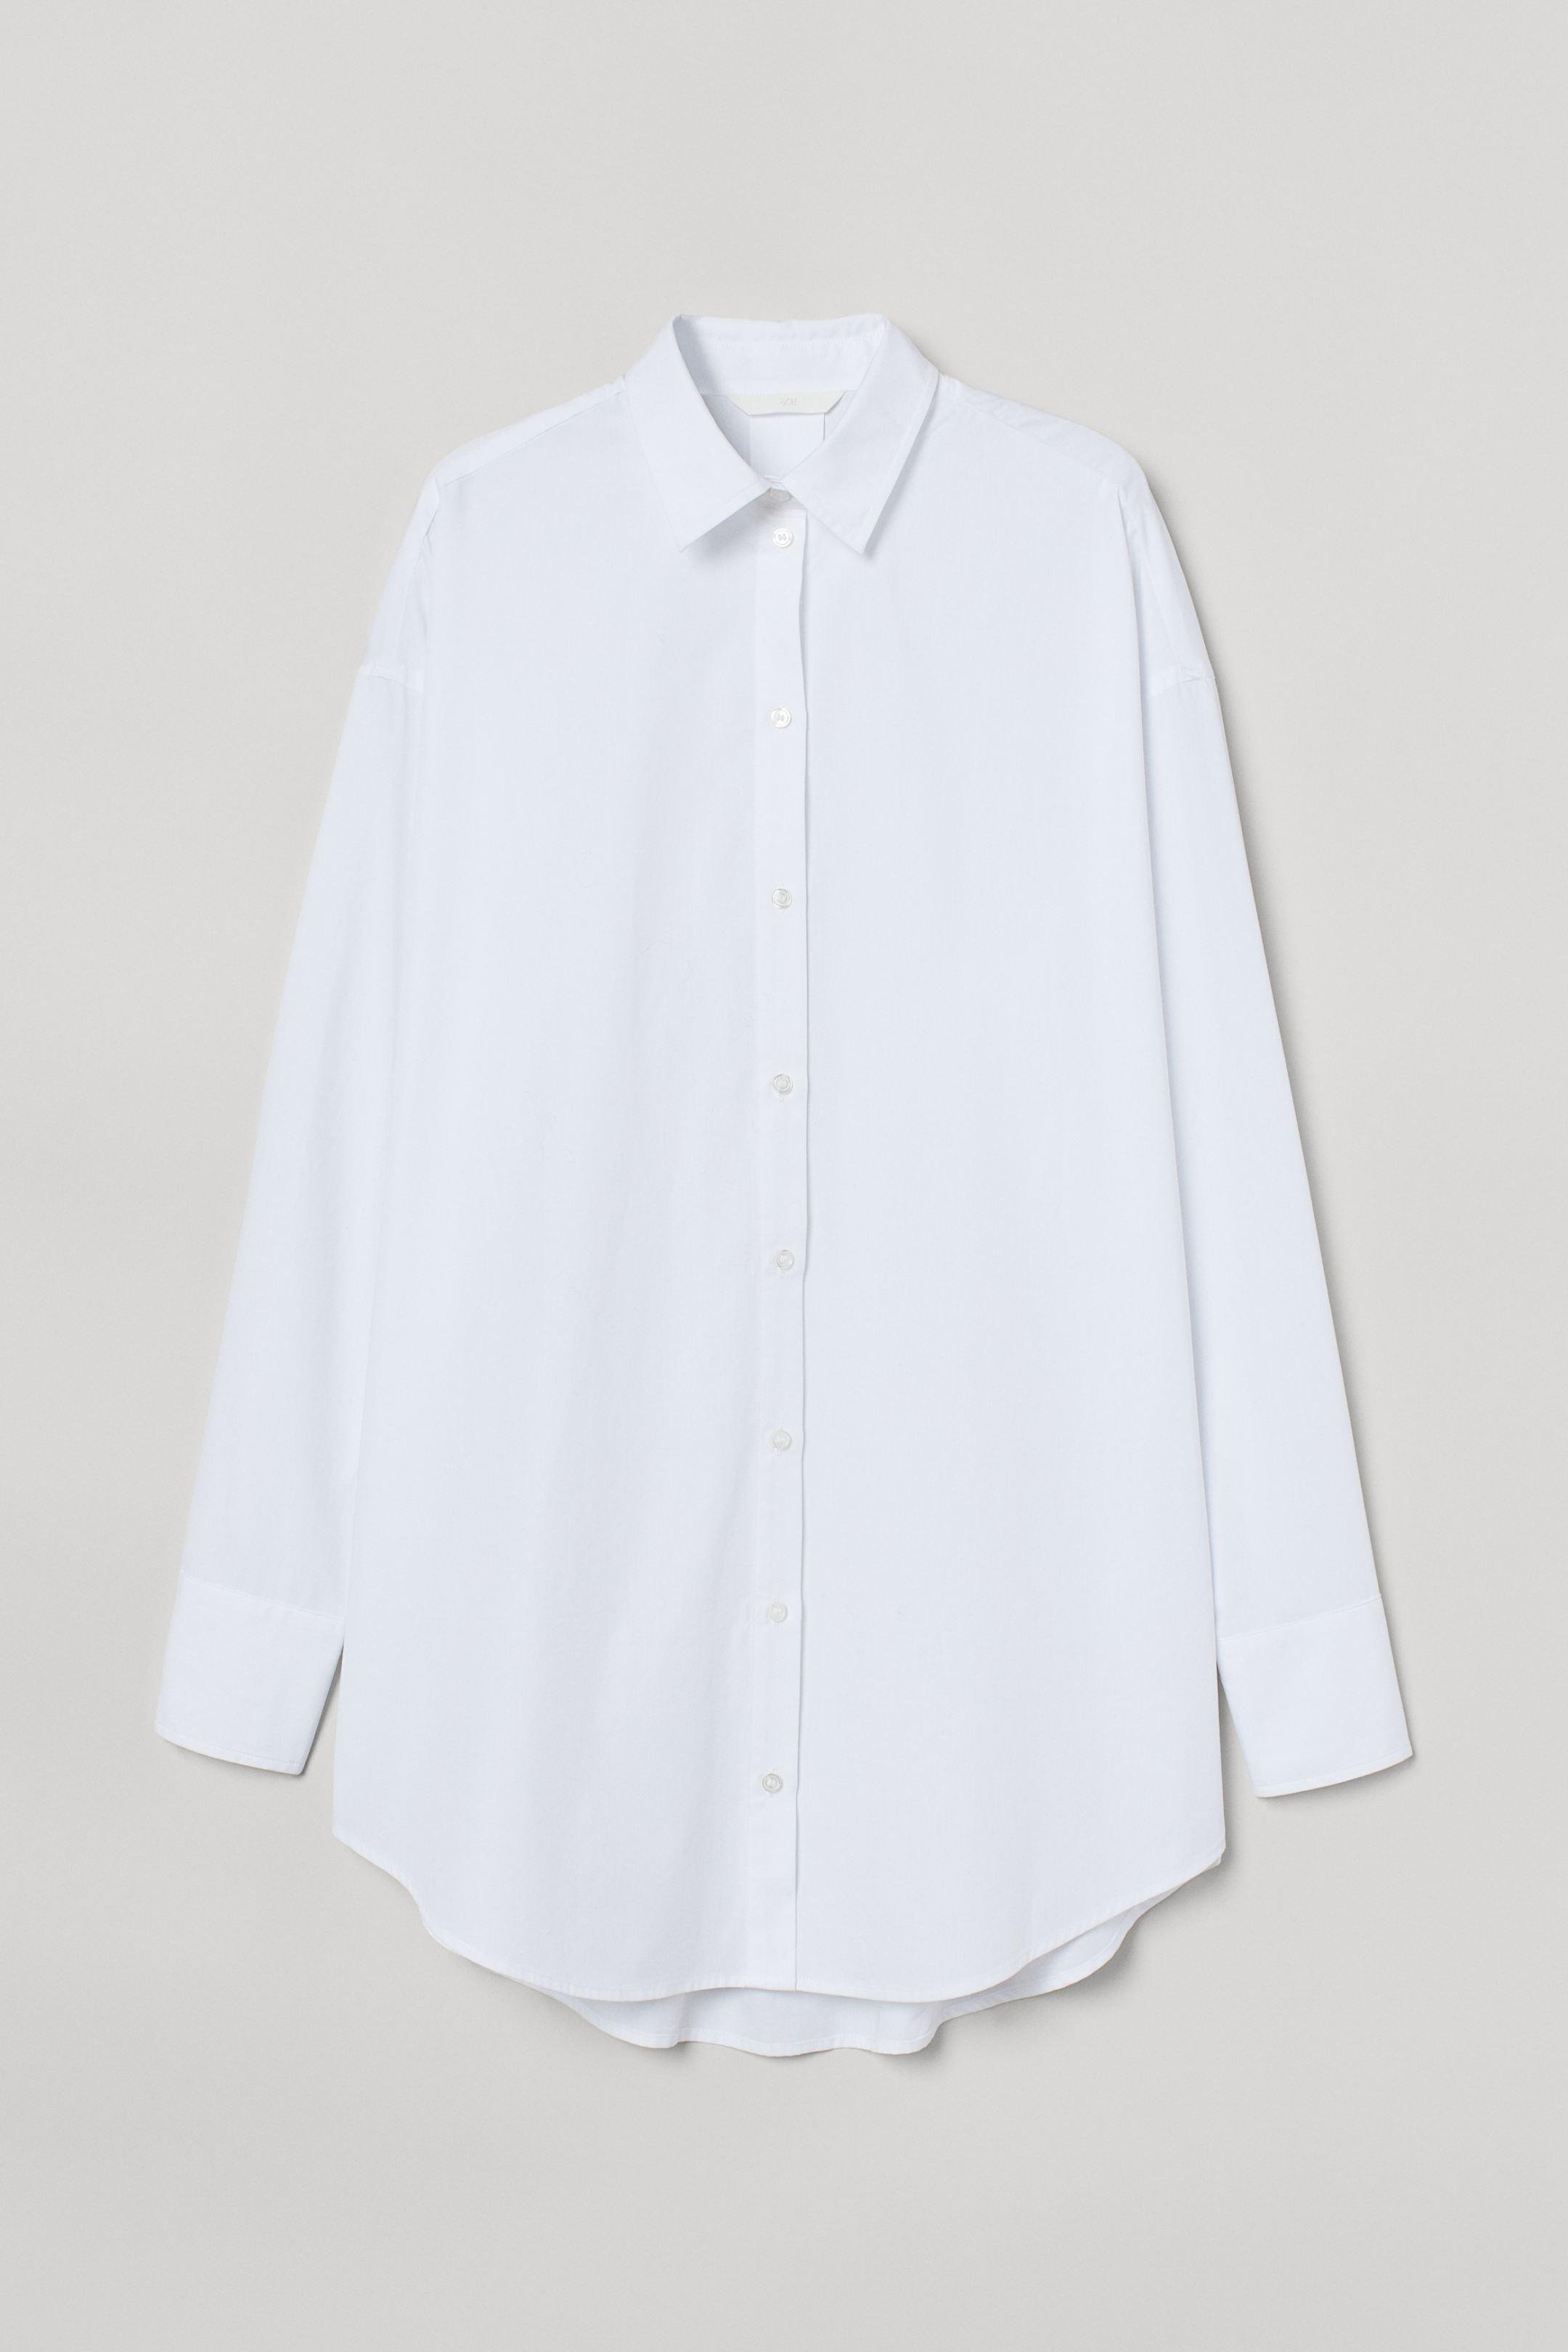 Camisa holgada en tejido de algodón. Modelo de manga larga con cuello clásico, botones delante, hombros caídos y puños sencillos. Pliegue de caja en la espalda y bajo redondeado.